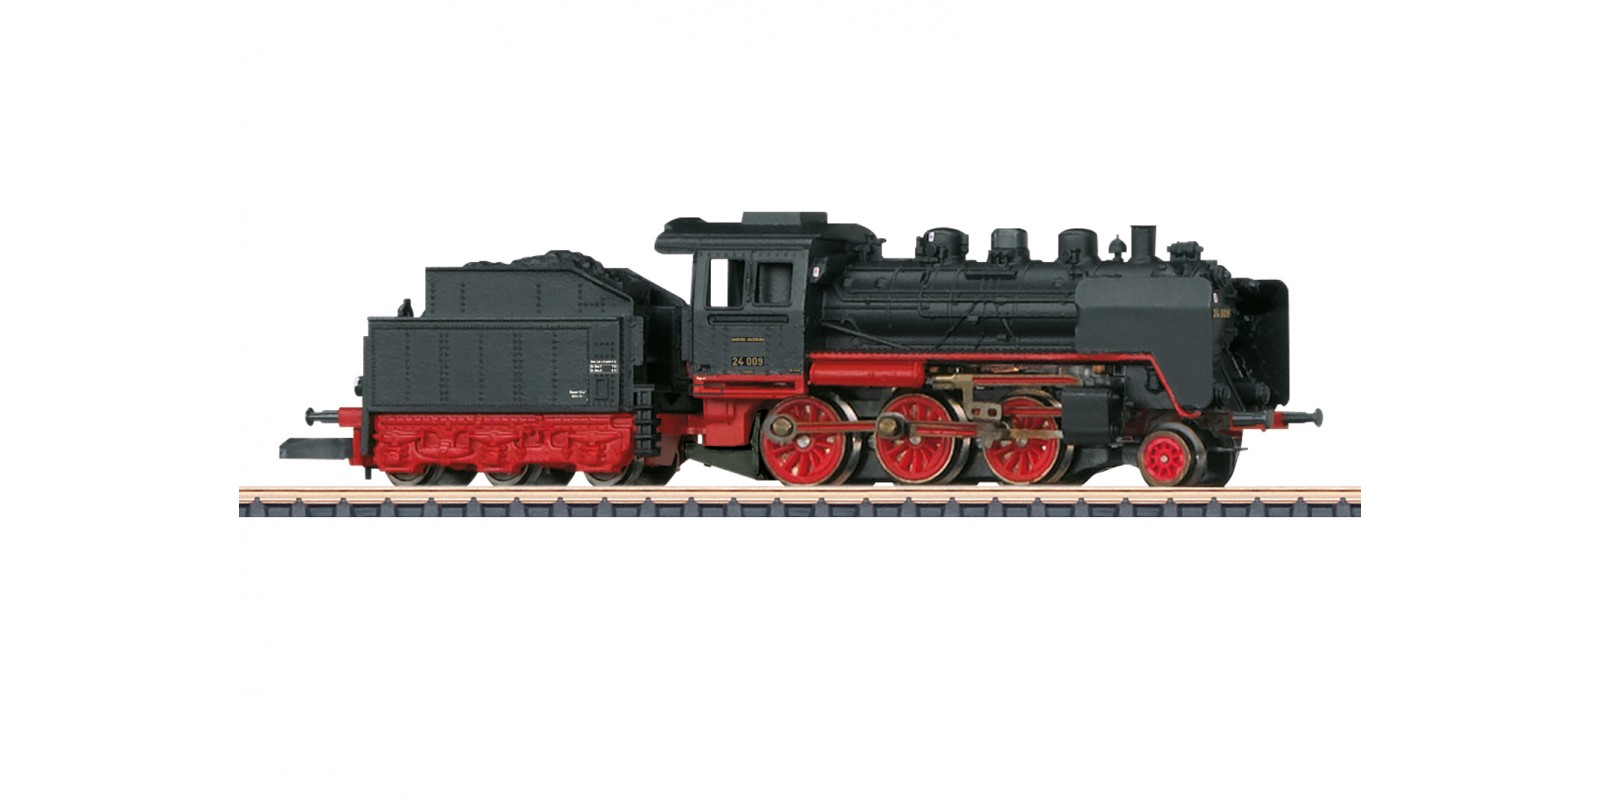 081874 Museum Passenger Train Starter Set